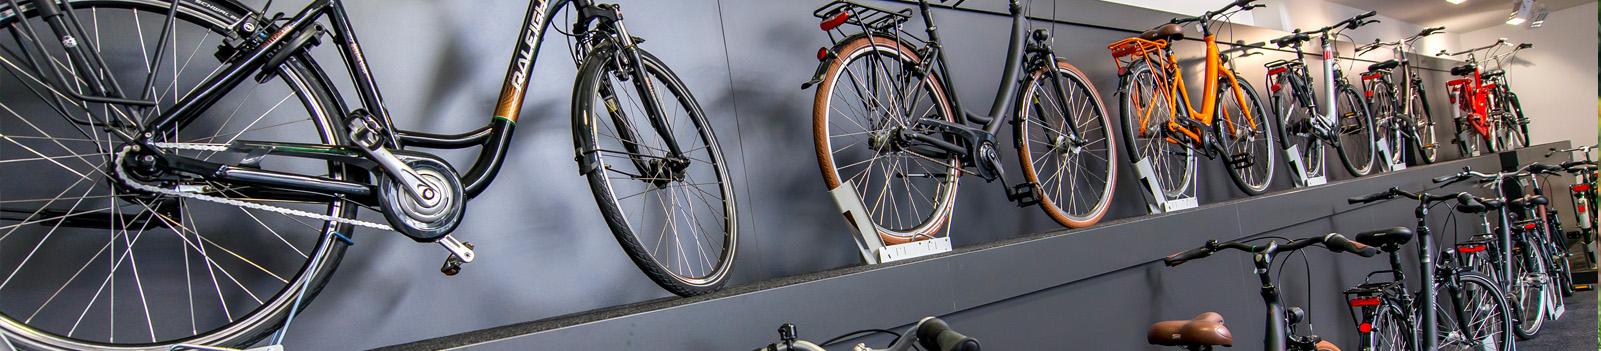 Fahrräder und Fahrradzubehör